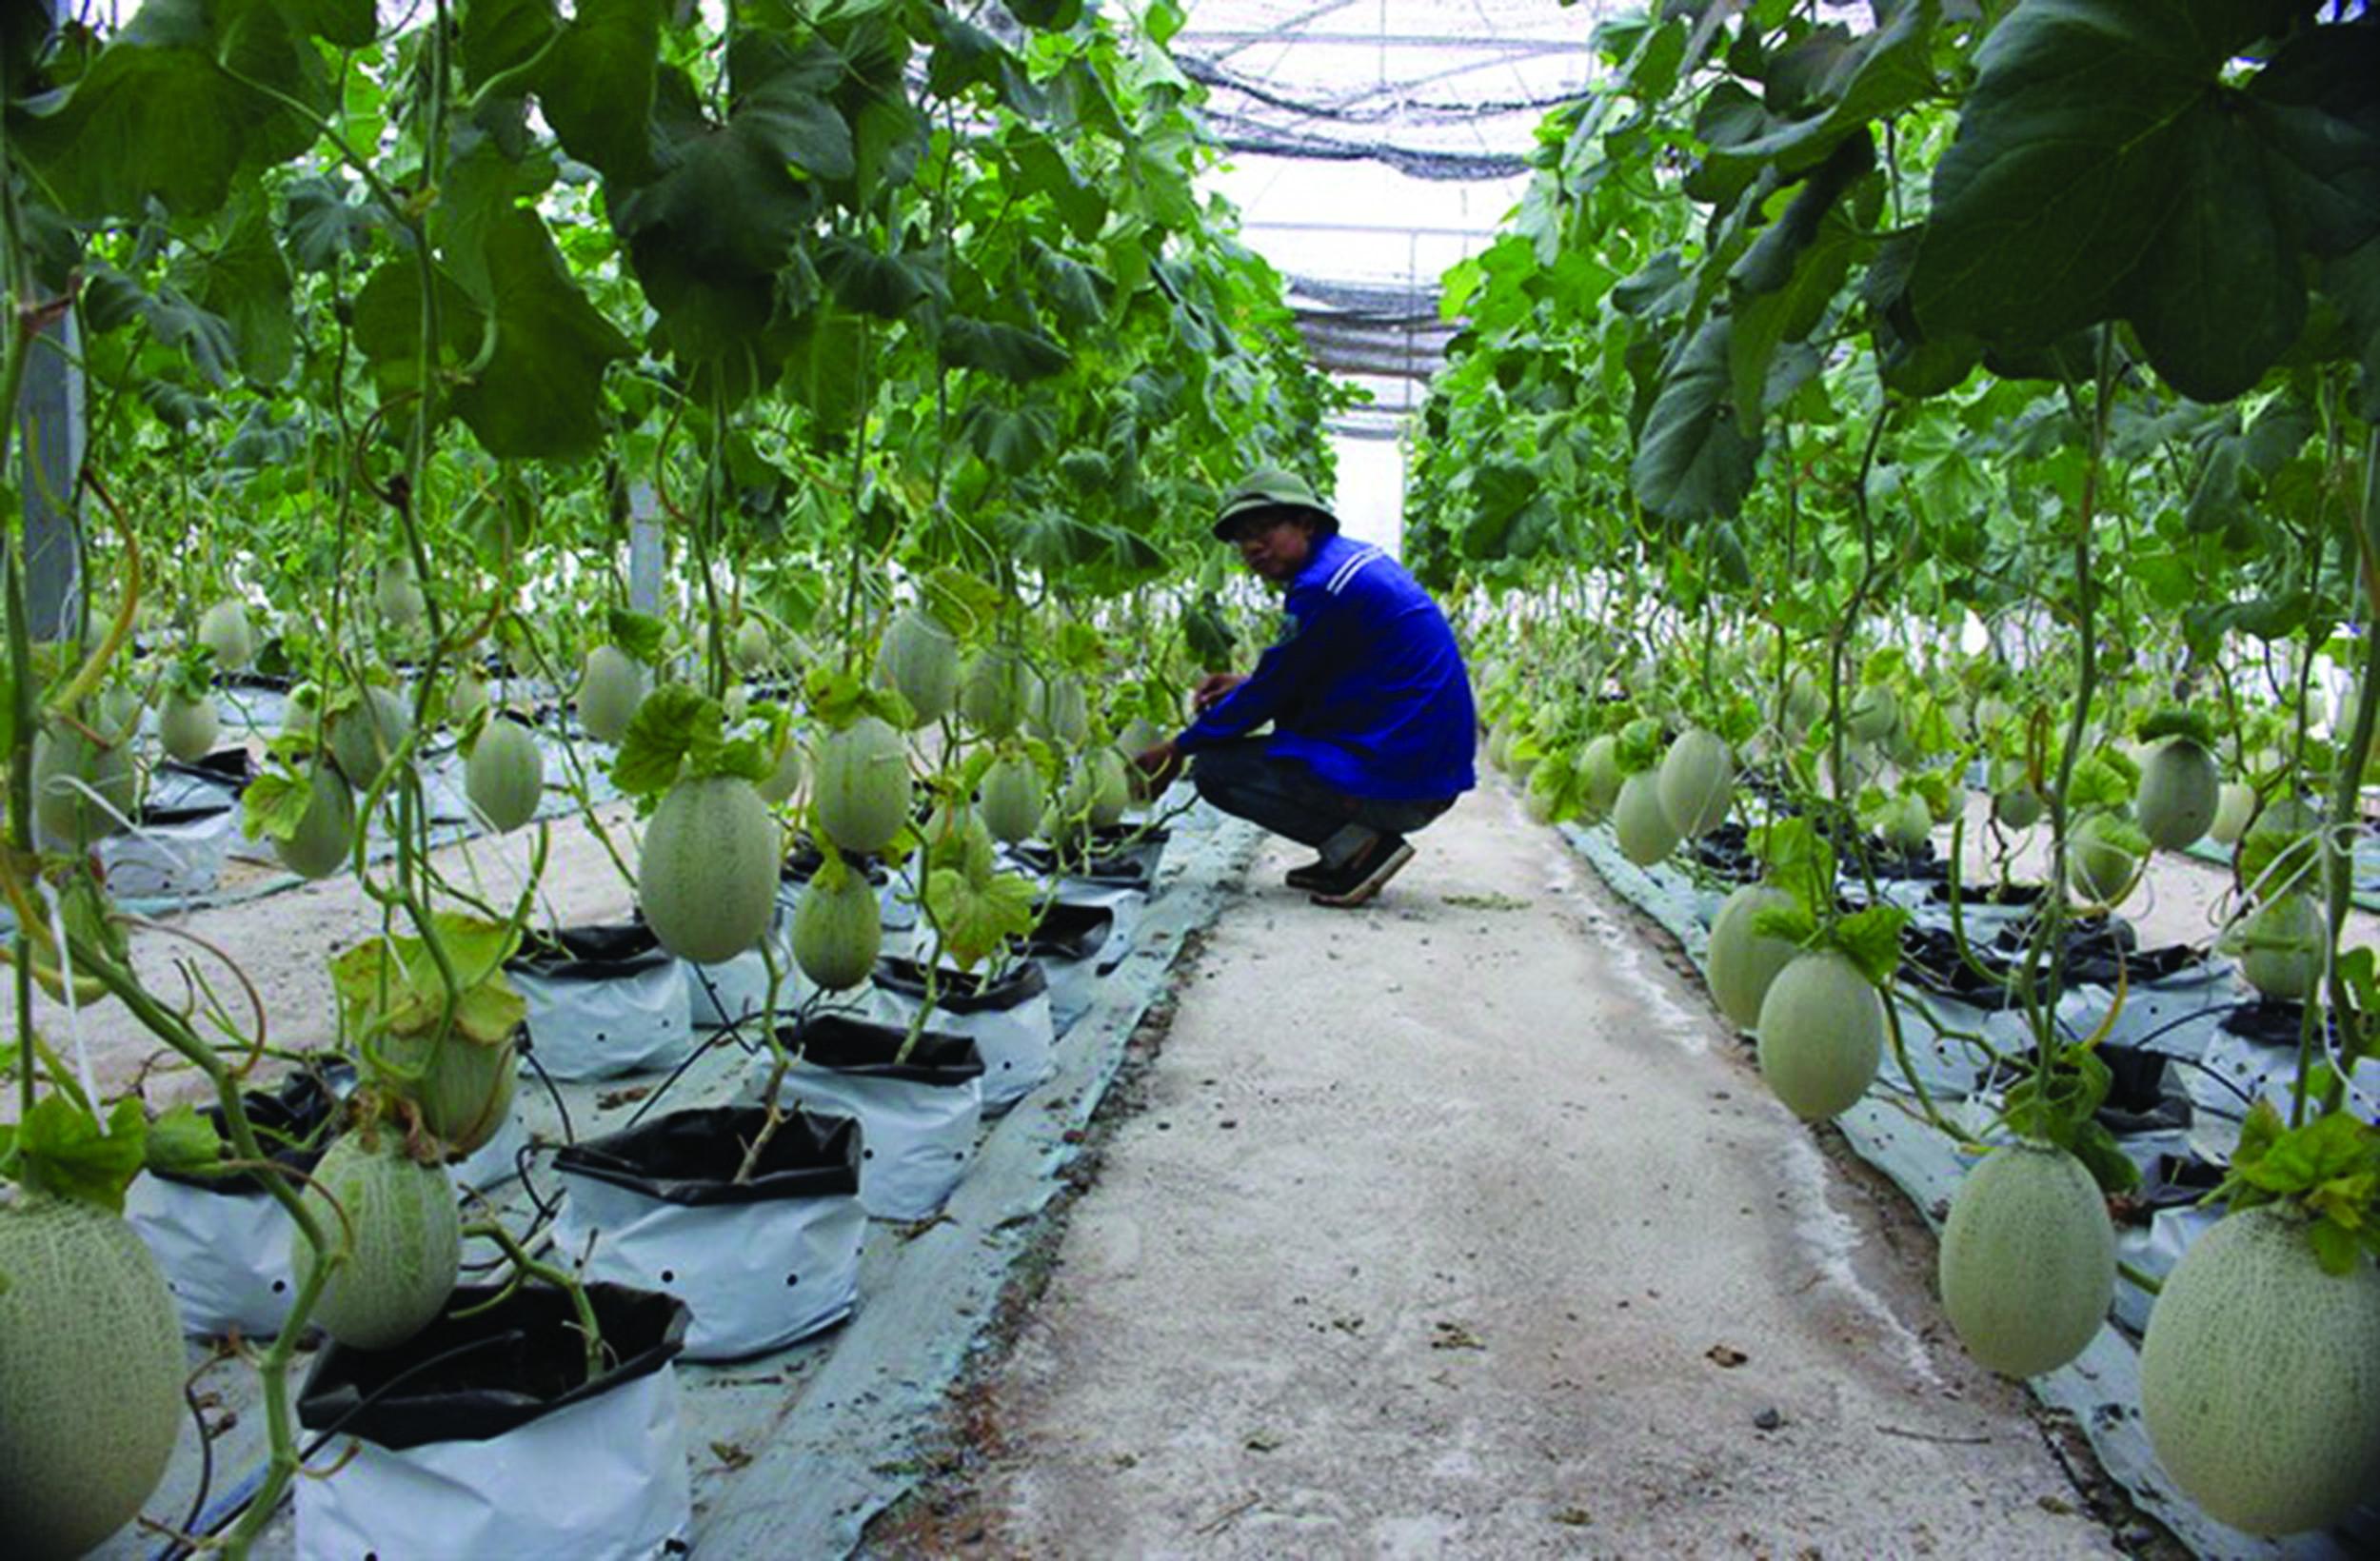 Trồng dưa lưới trong nhà kính, hướng đi mới trong sản xuất nông nghiệp ở Tây Ninh.